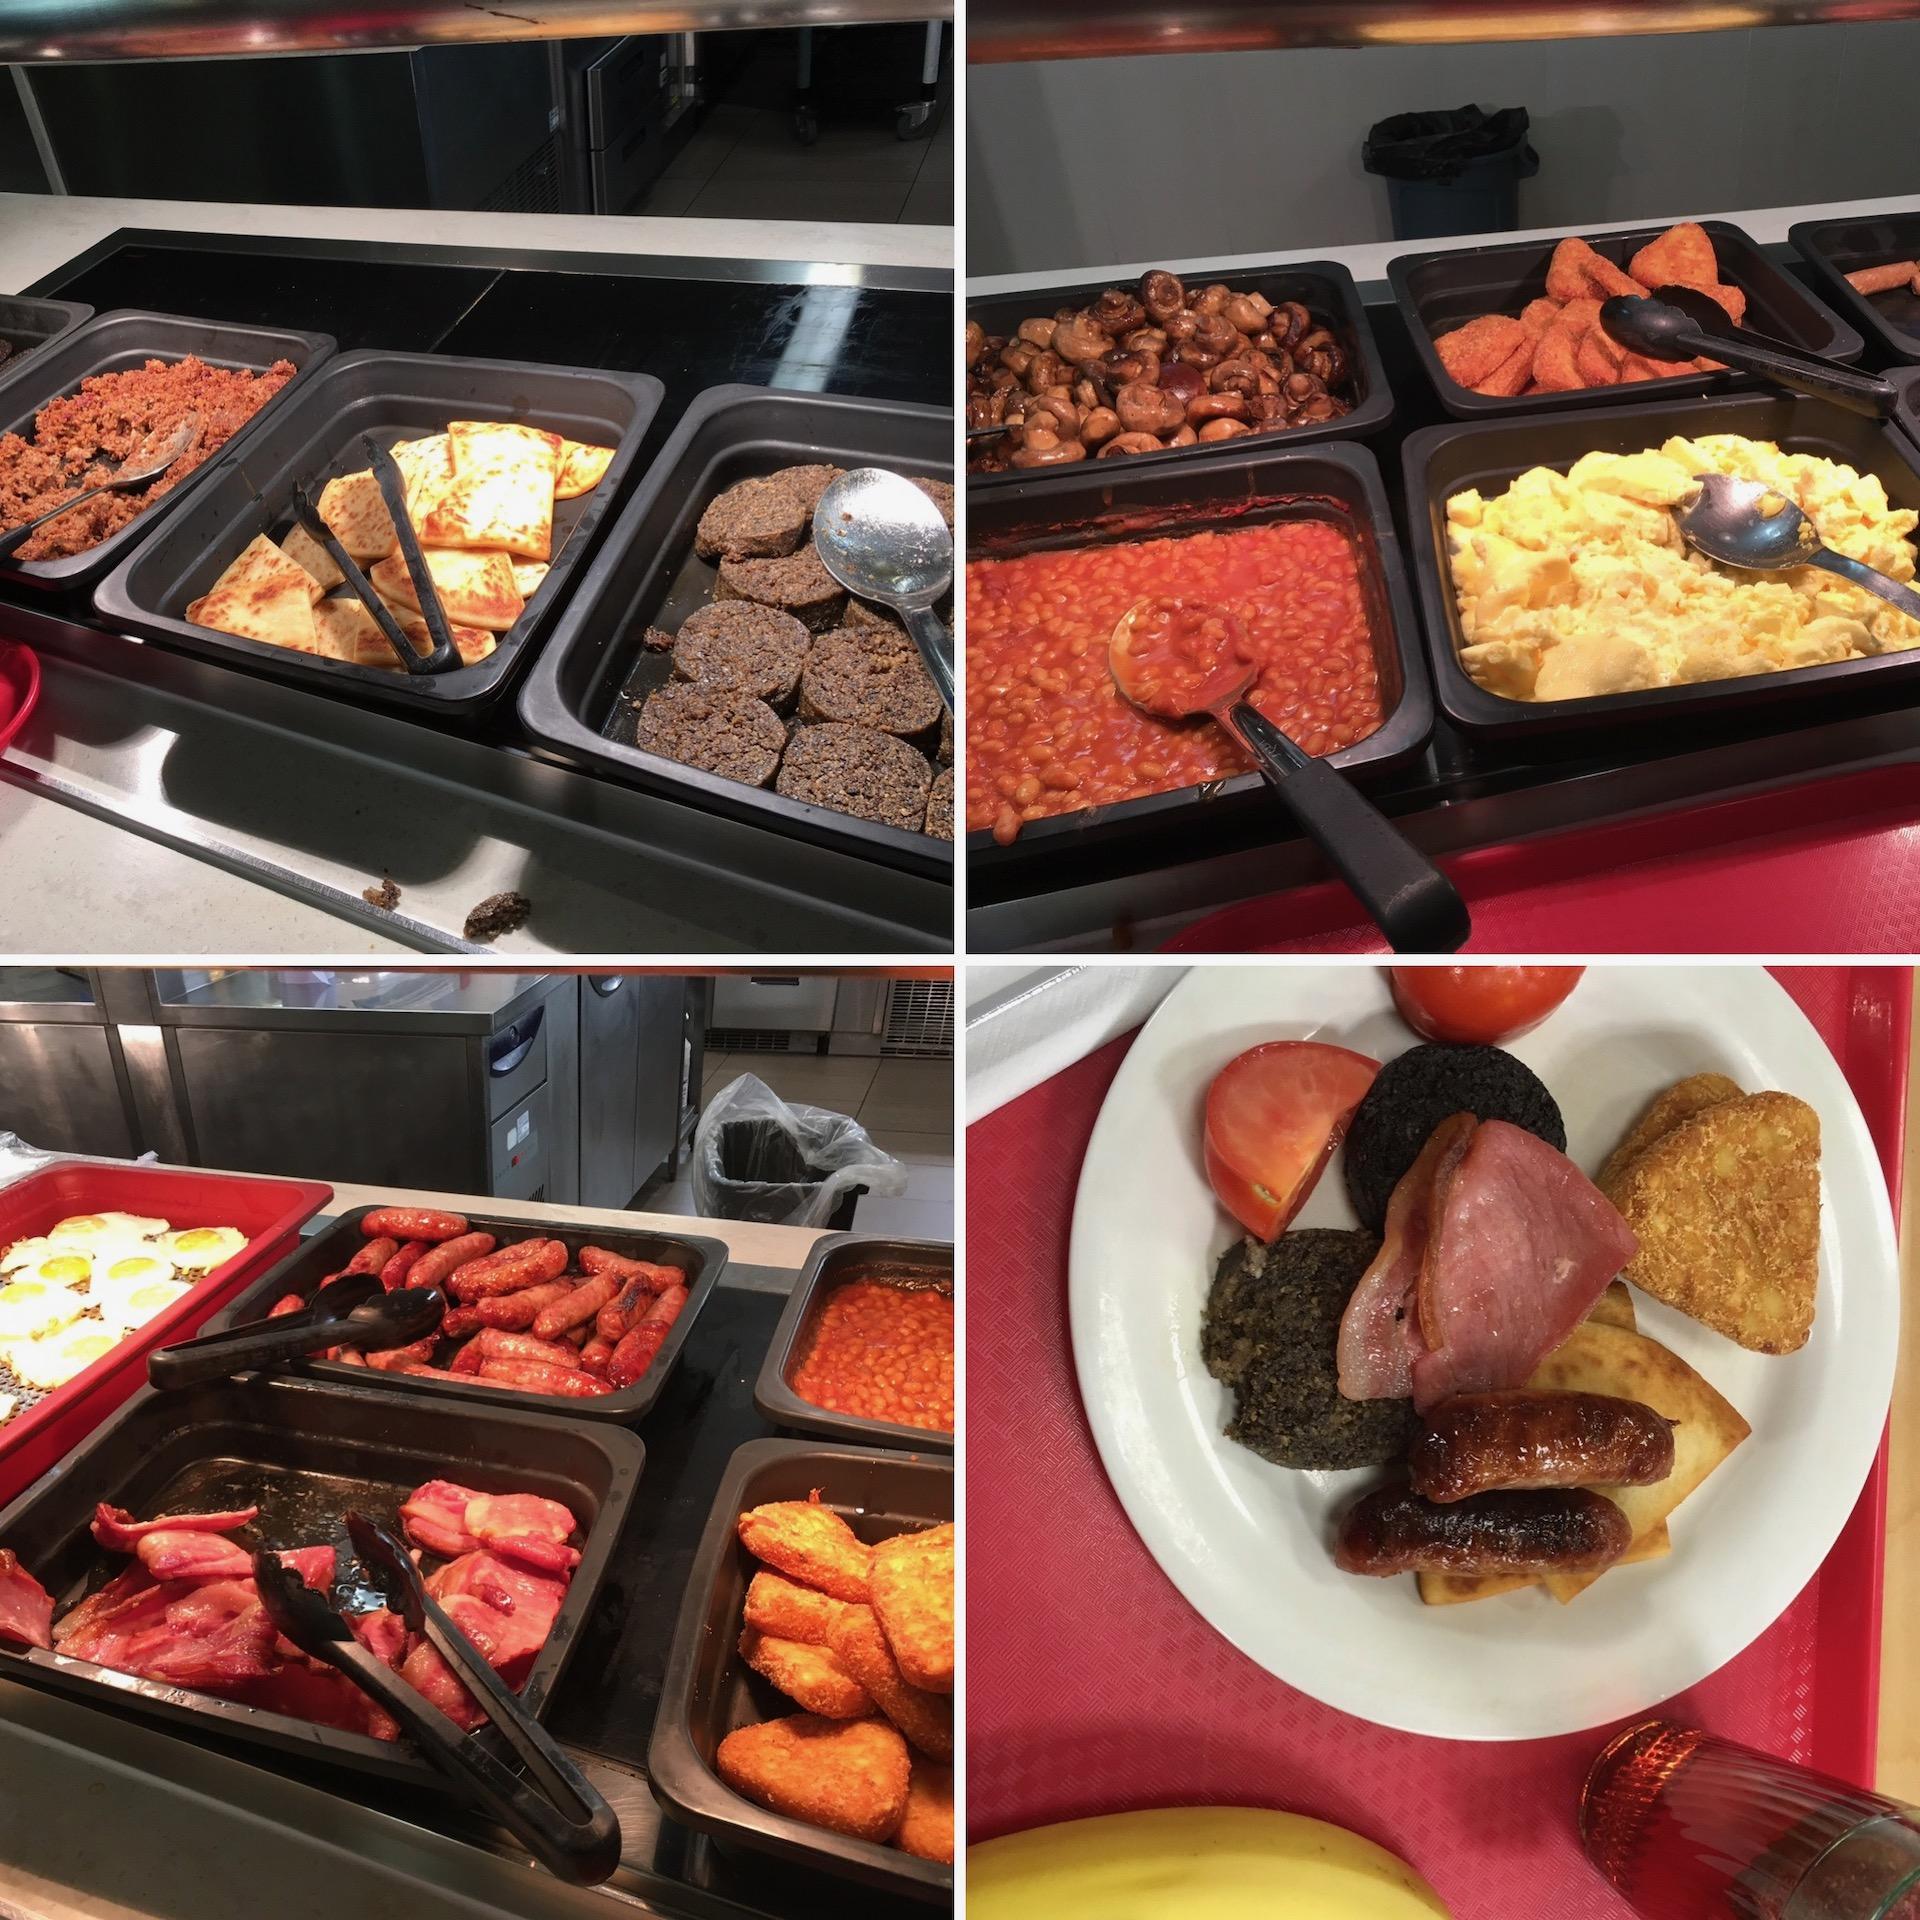 食堂提供的全英早餐